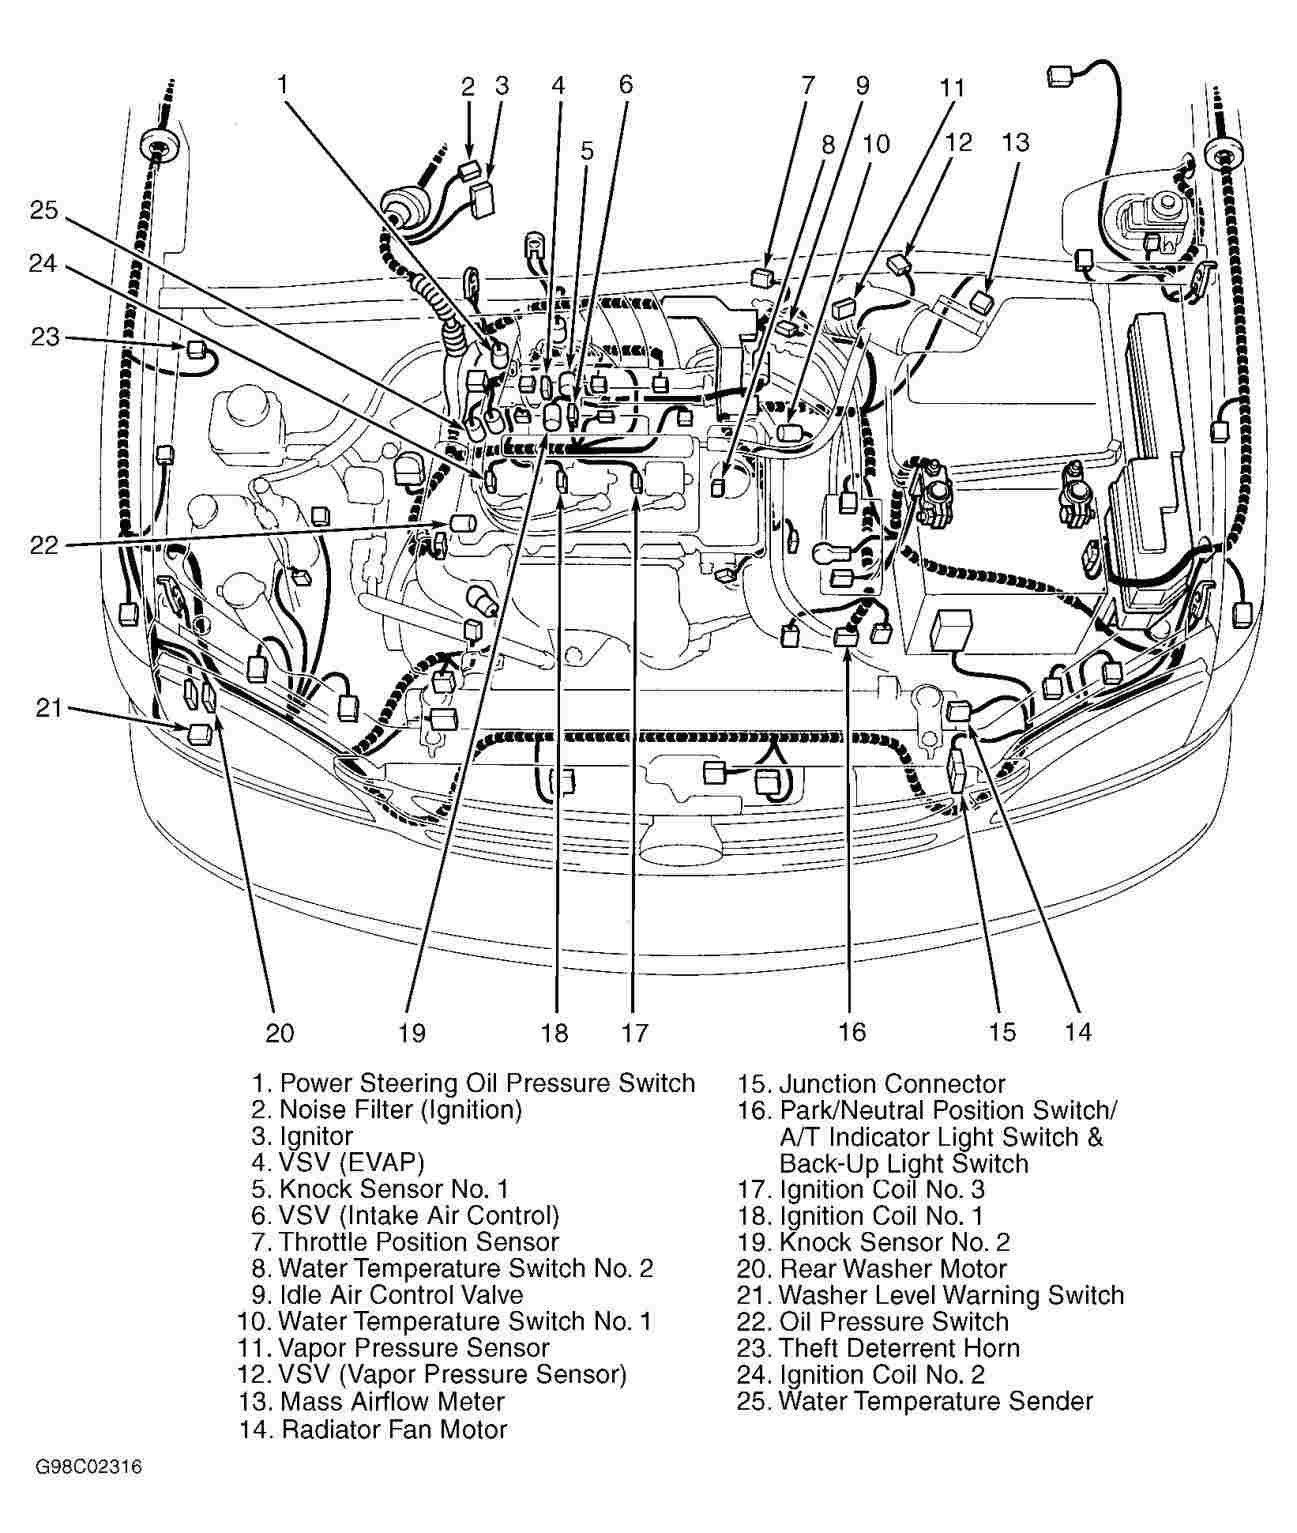 Beautiful Wiring Diagram Great Corolla  Diagrams  Digramssample  Diagramimages